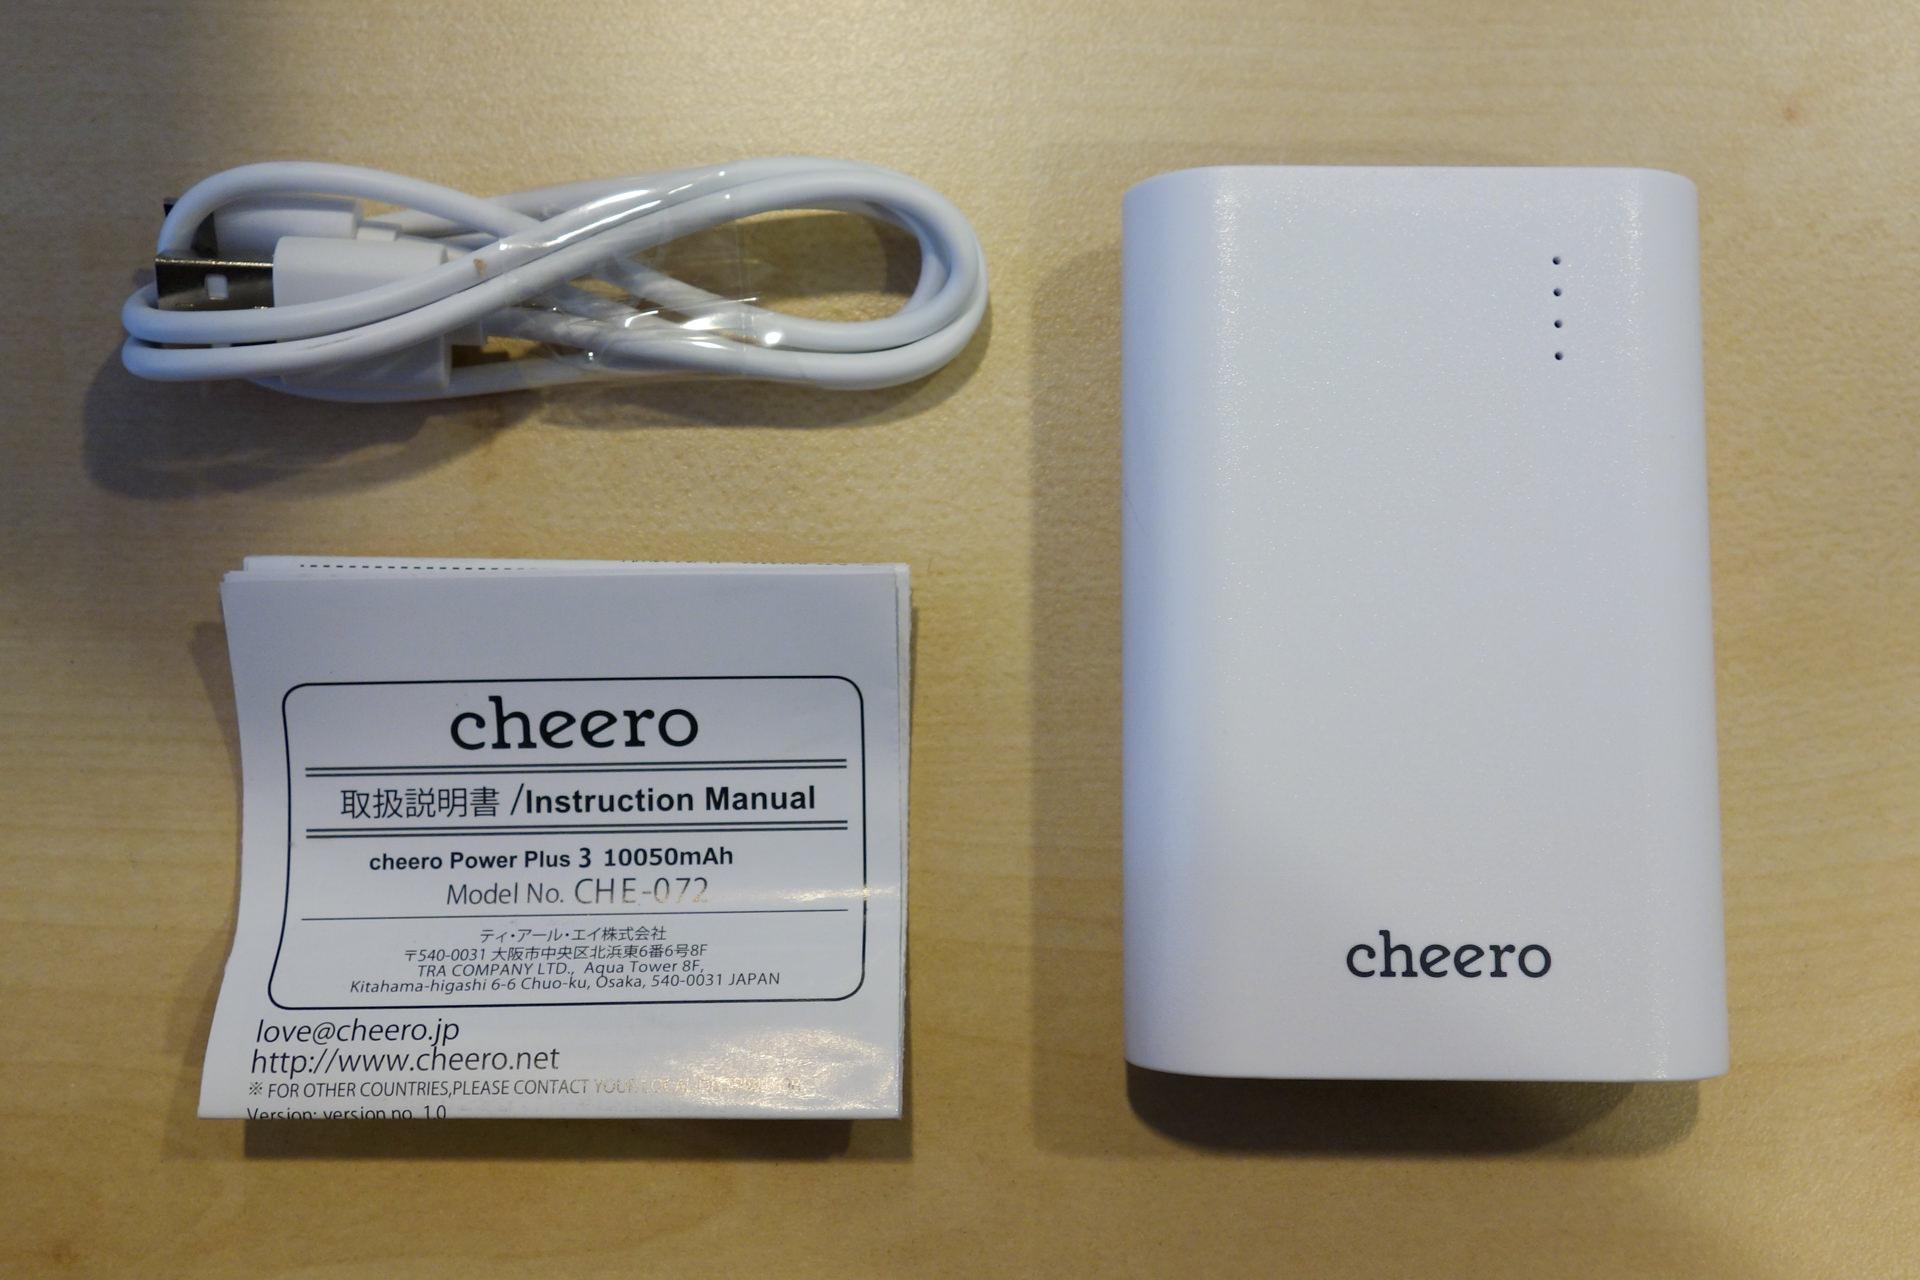 cheero Power Plus 3 10050mAh_2